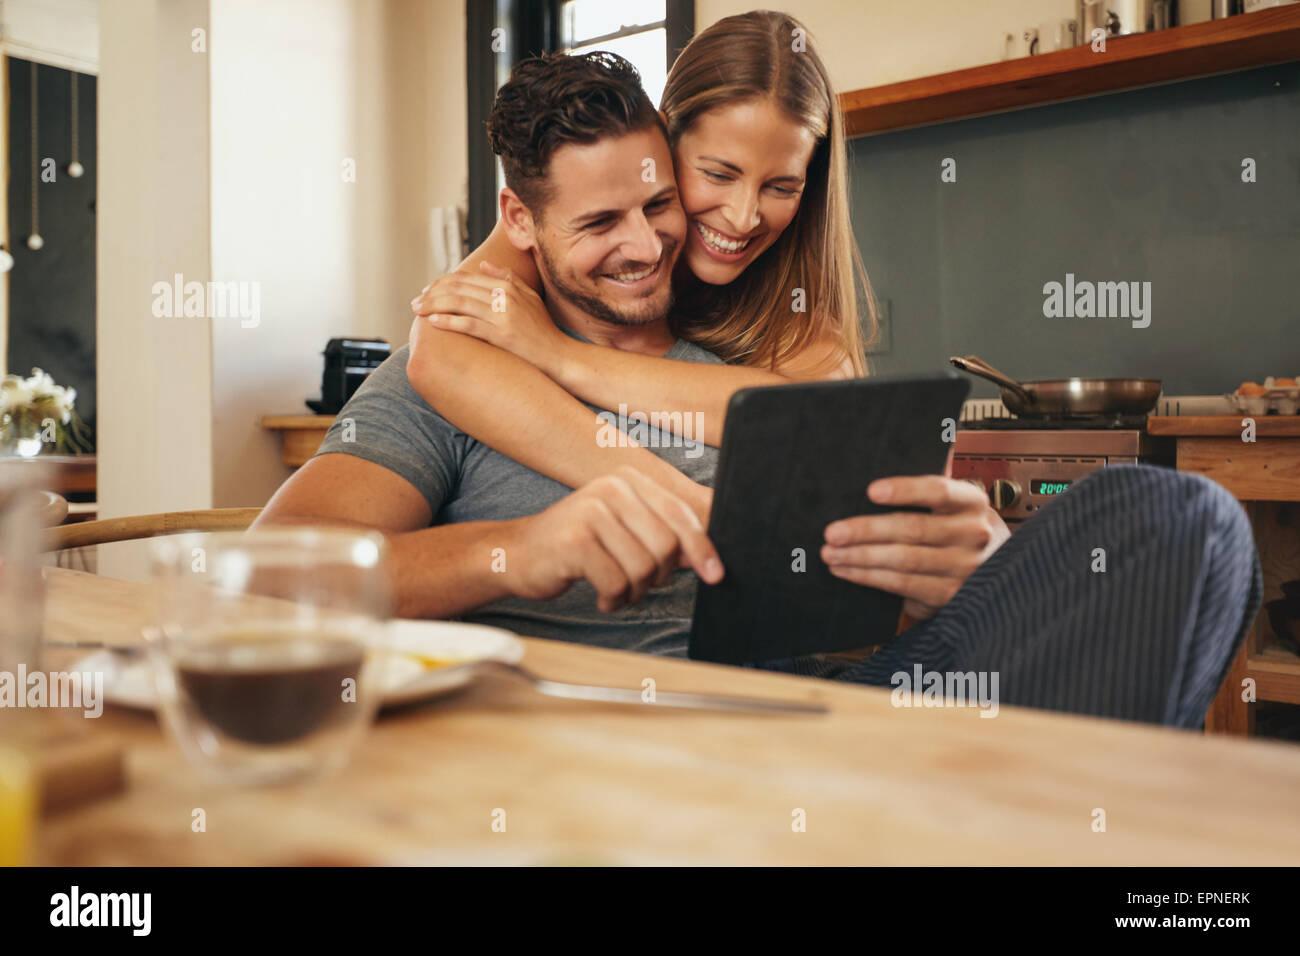 Coppia sorridente come leggere un computer tablet insieme nella mattina in cucina. Giovane uomo e donna recuperando Immagini Stock